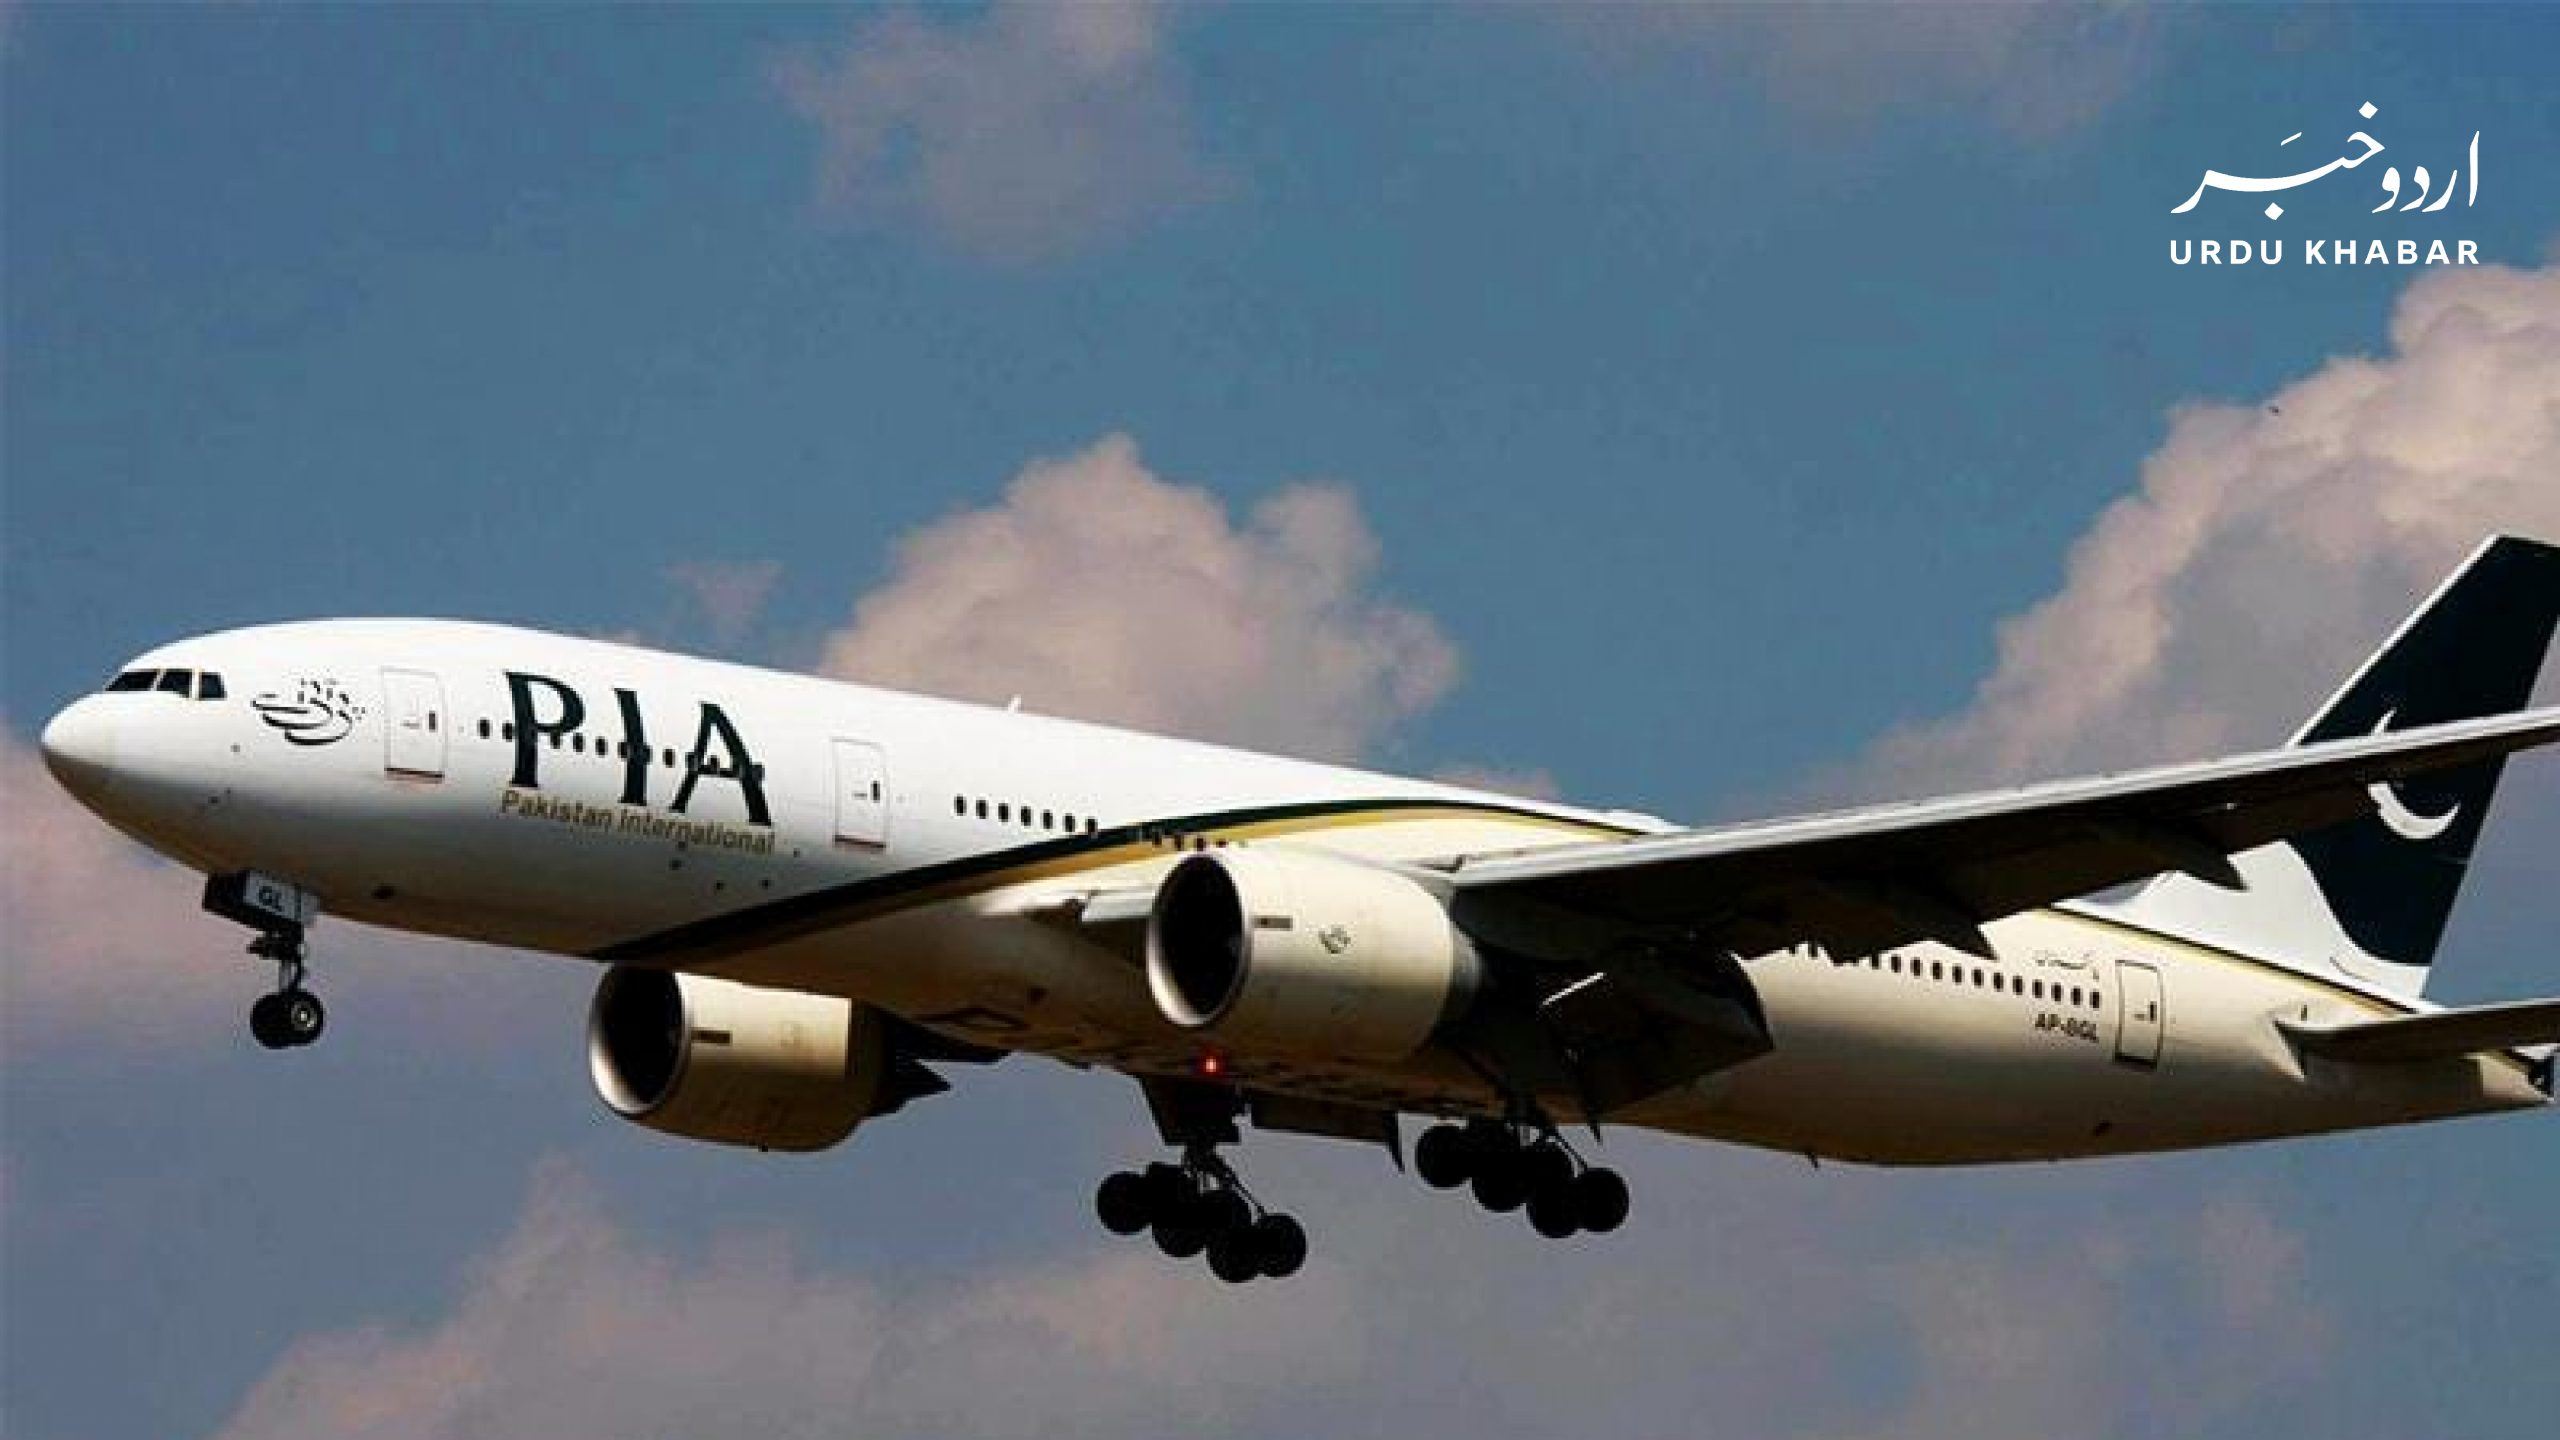 سعودی عرب میں موجود پاکستانی پی آئی اے کے زریعے وطن واپس آ سکتے ہیں